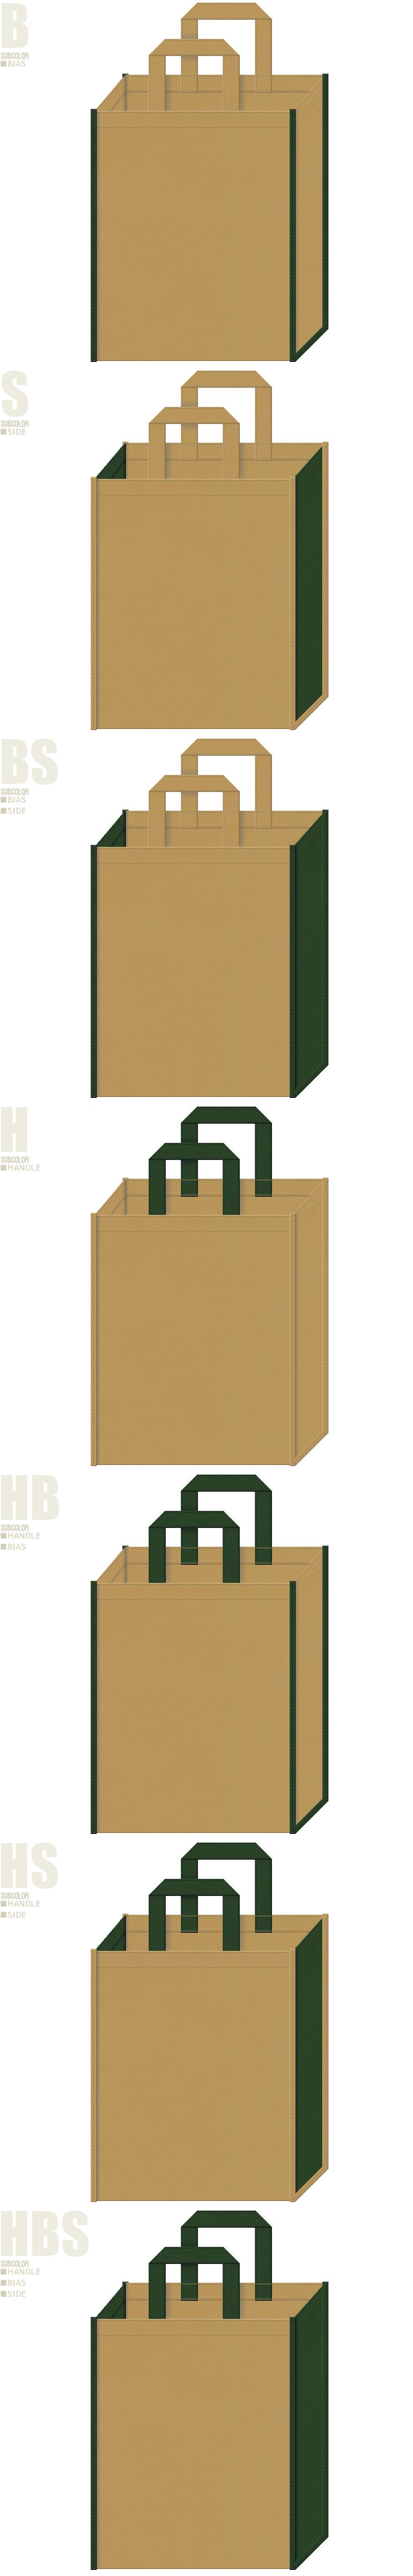 動物園・テーマパーク・探検・ジャングル・恐竜・サバンナ・サファリ・アニマル・迷彩色・キャンプ用品・アウトドア用品・DIYの展示会用バッグにお奨めの不織布バッグデザイン:マスタード色と濃緑色の配色7パターン